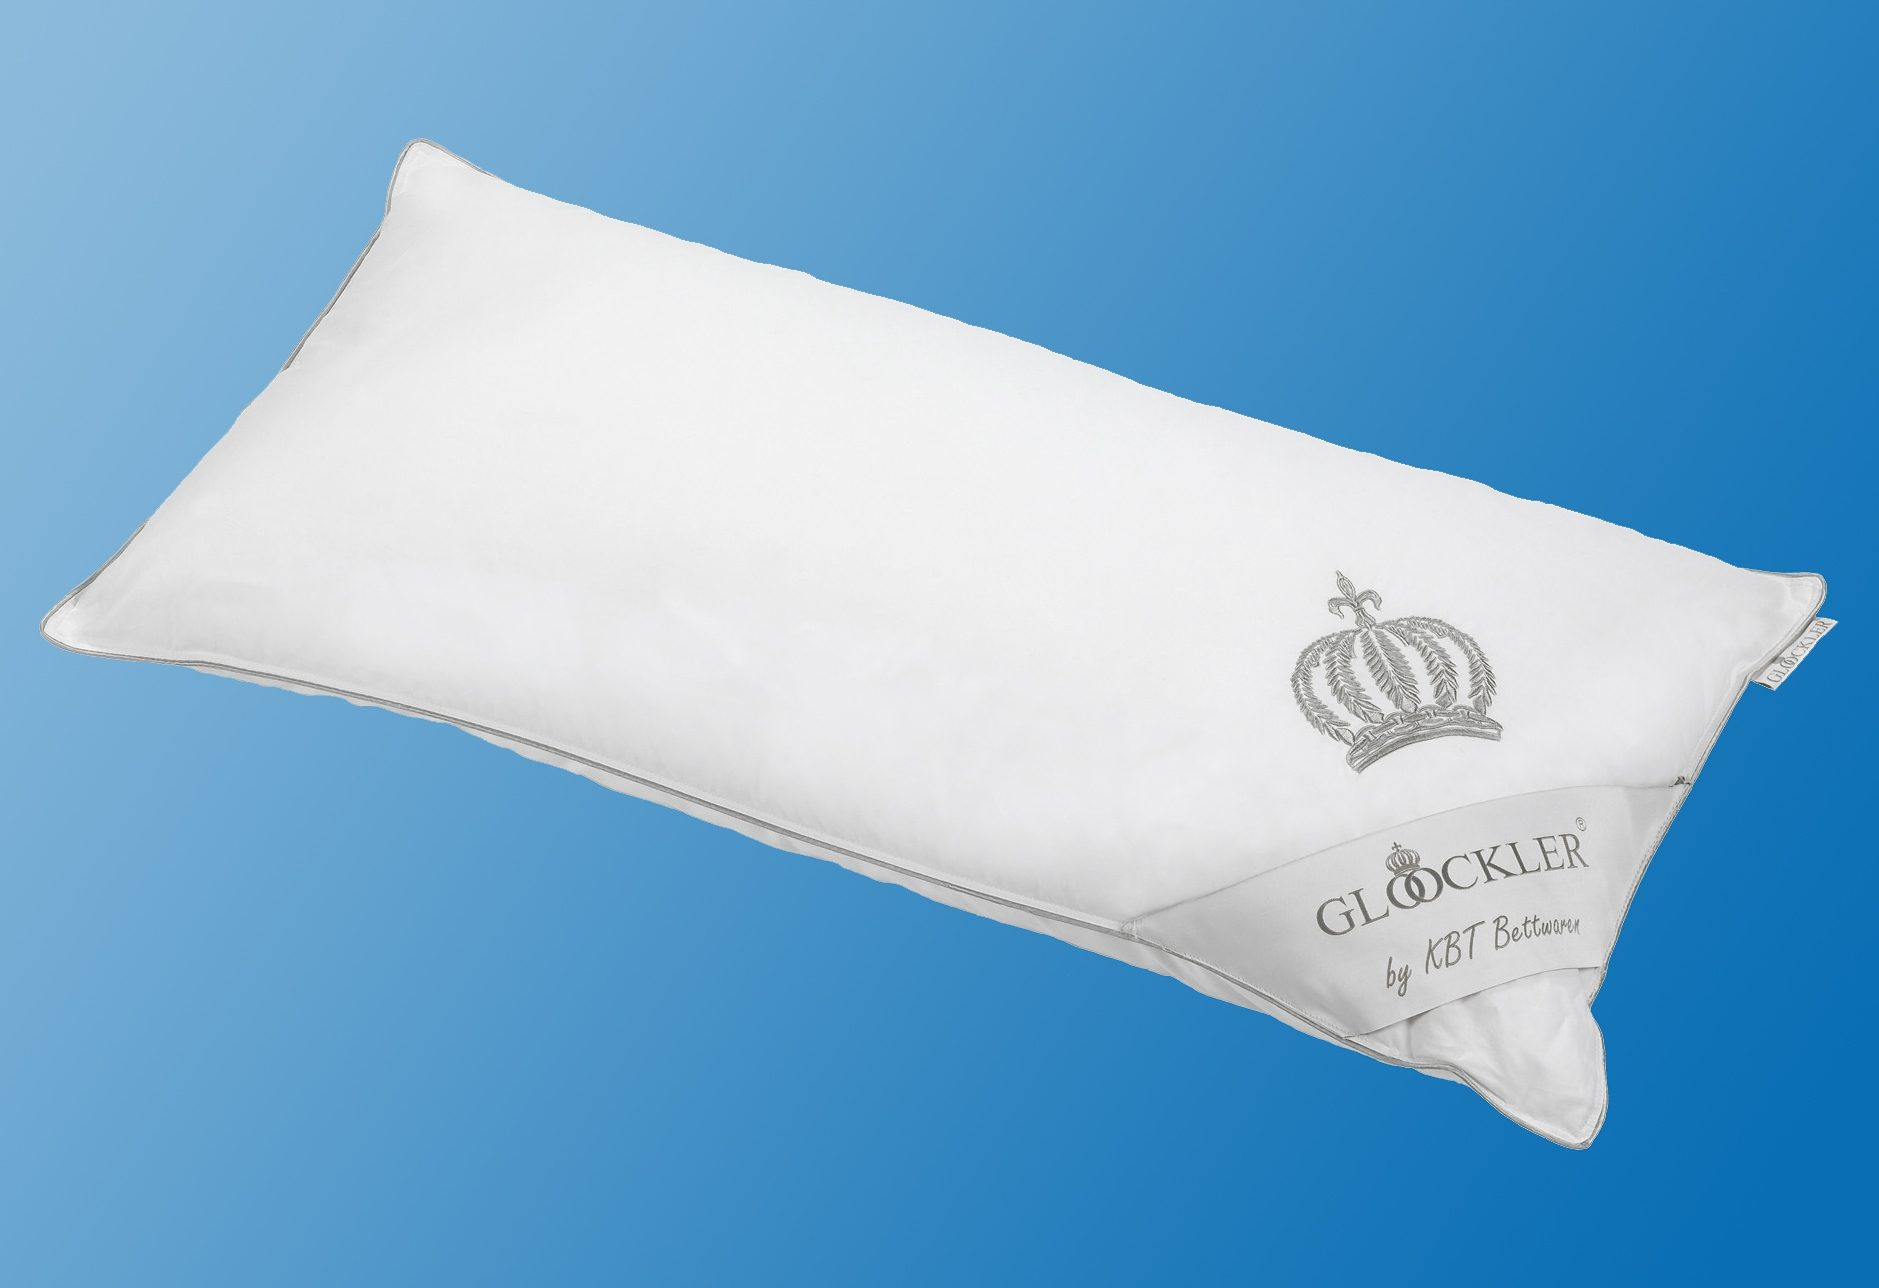 Federkopfkissen Platin GLÖÖCKLER by KBT Bettwaren Füllung: 70% Federn 30% Daunen